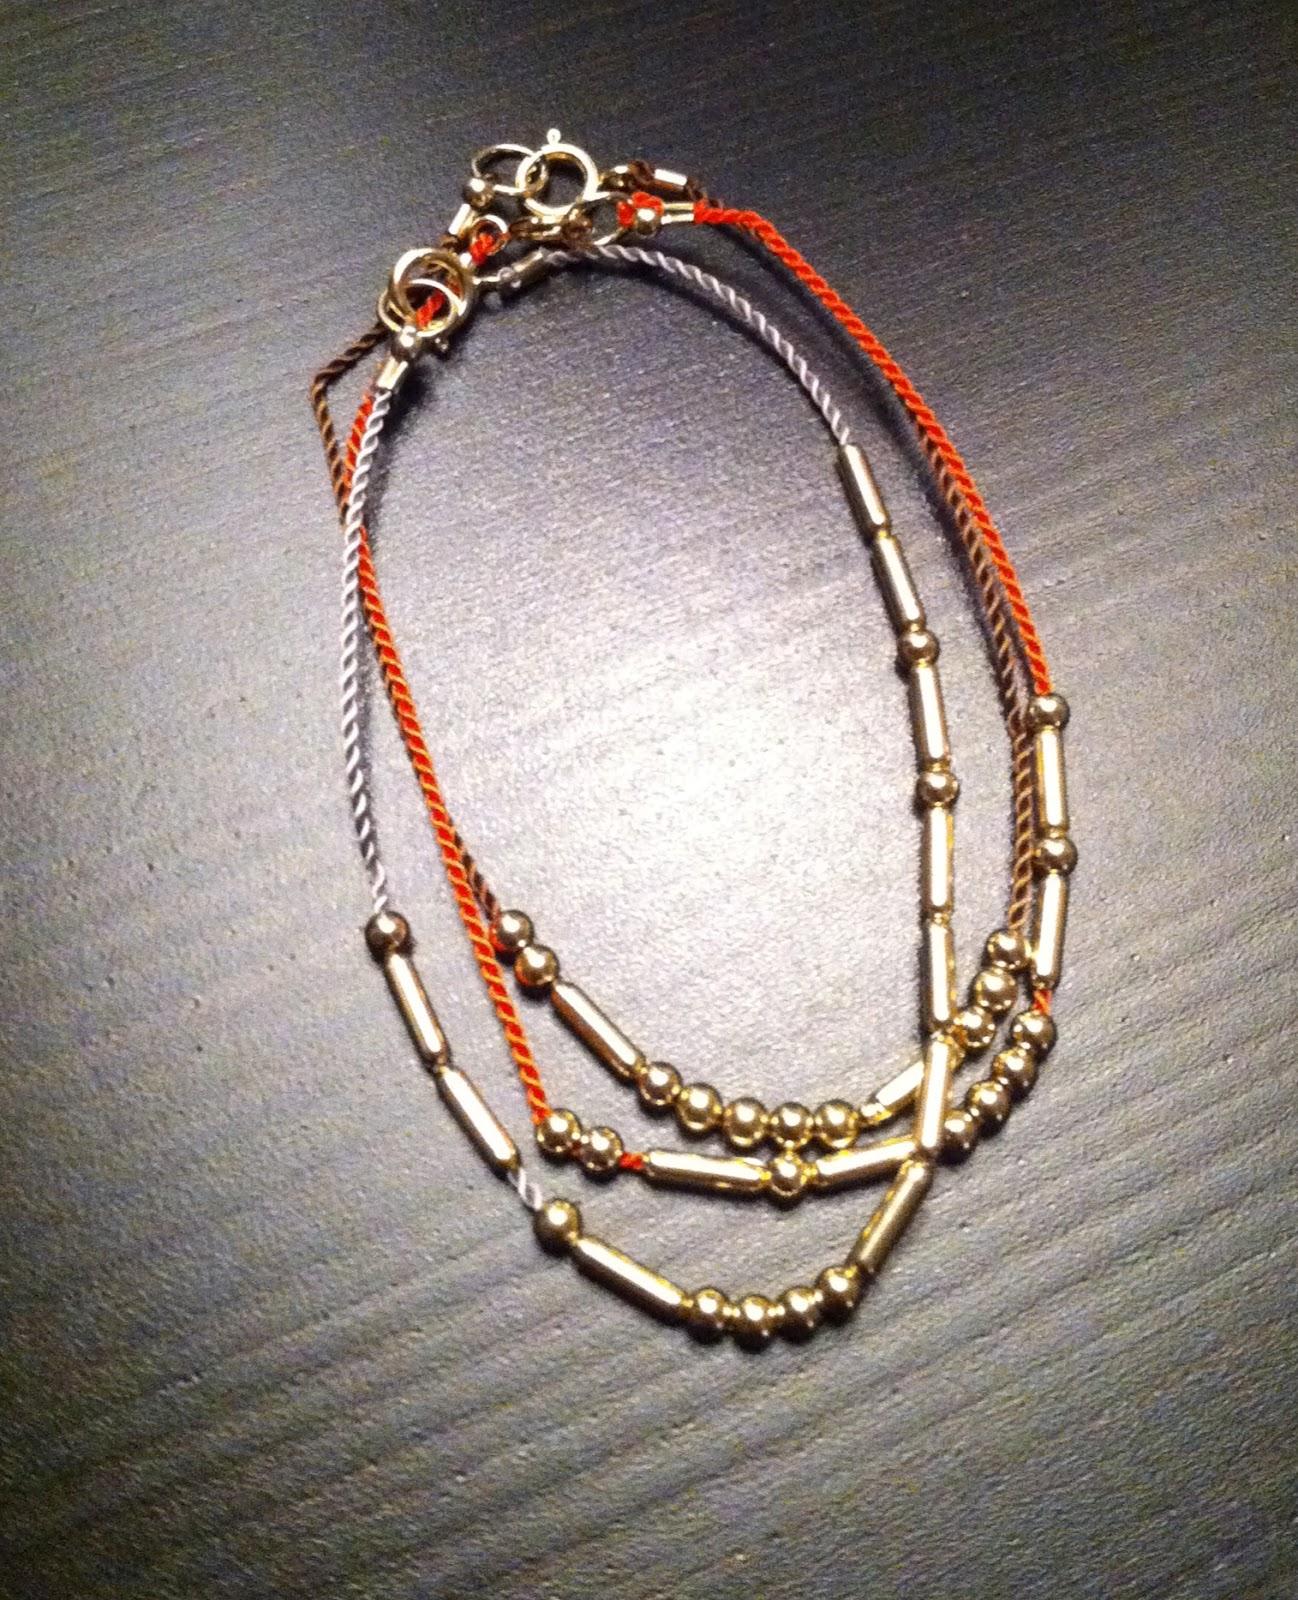 http://2.bp.blogspot.com/-GR90V87GXpE/T7aRuLPJ1AI/AAAAAAAAALw/TJiNJ5d5vu4/s1600/Morse.jpeg